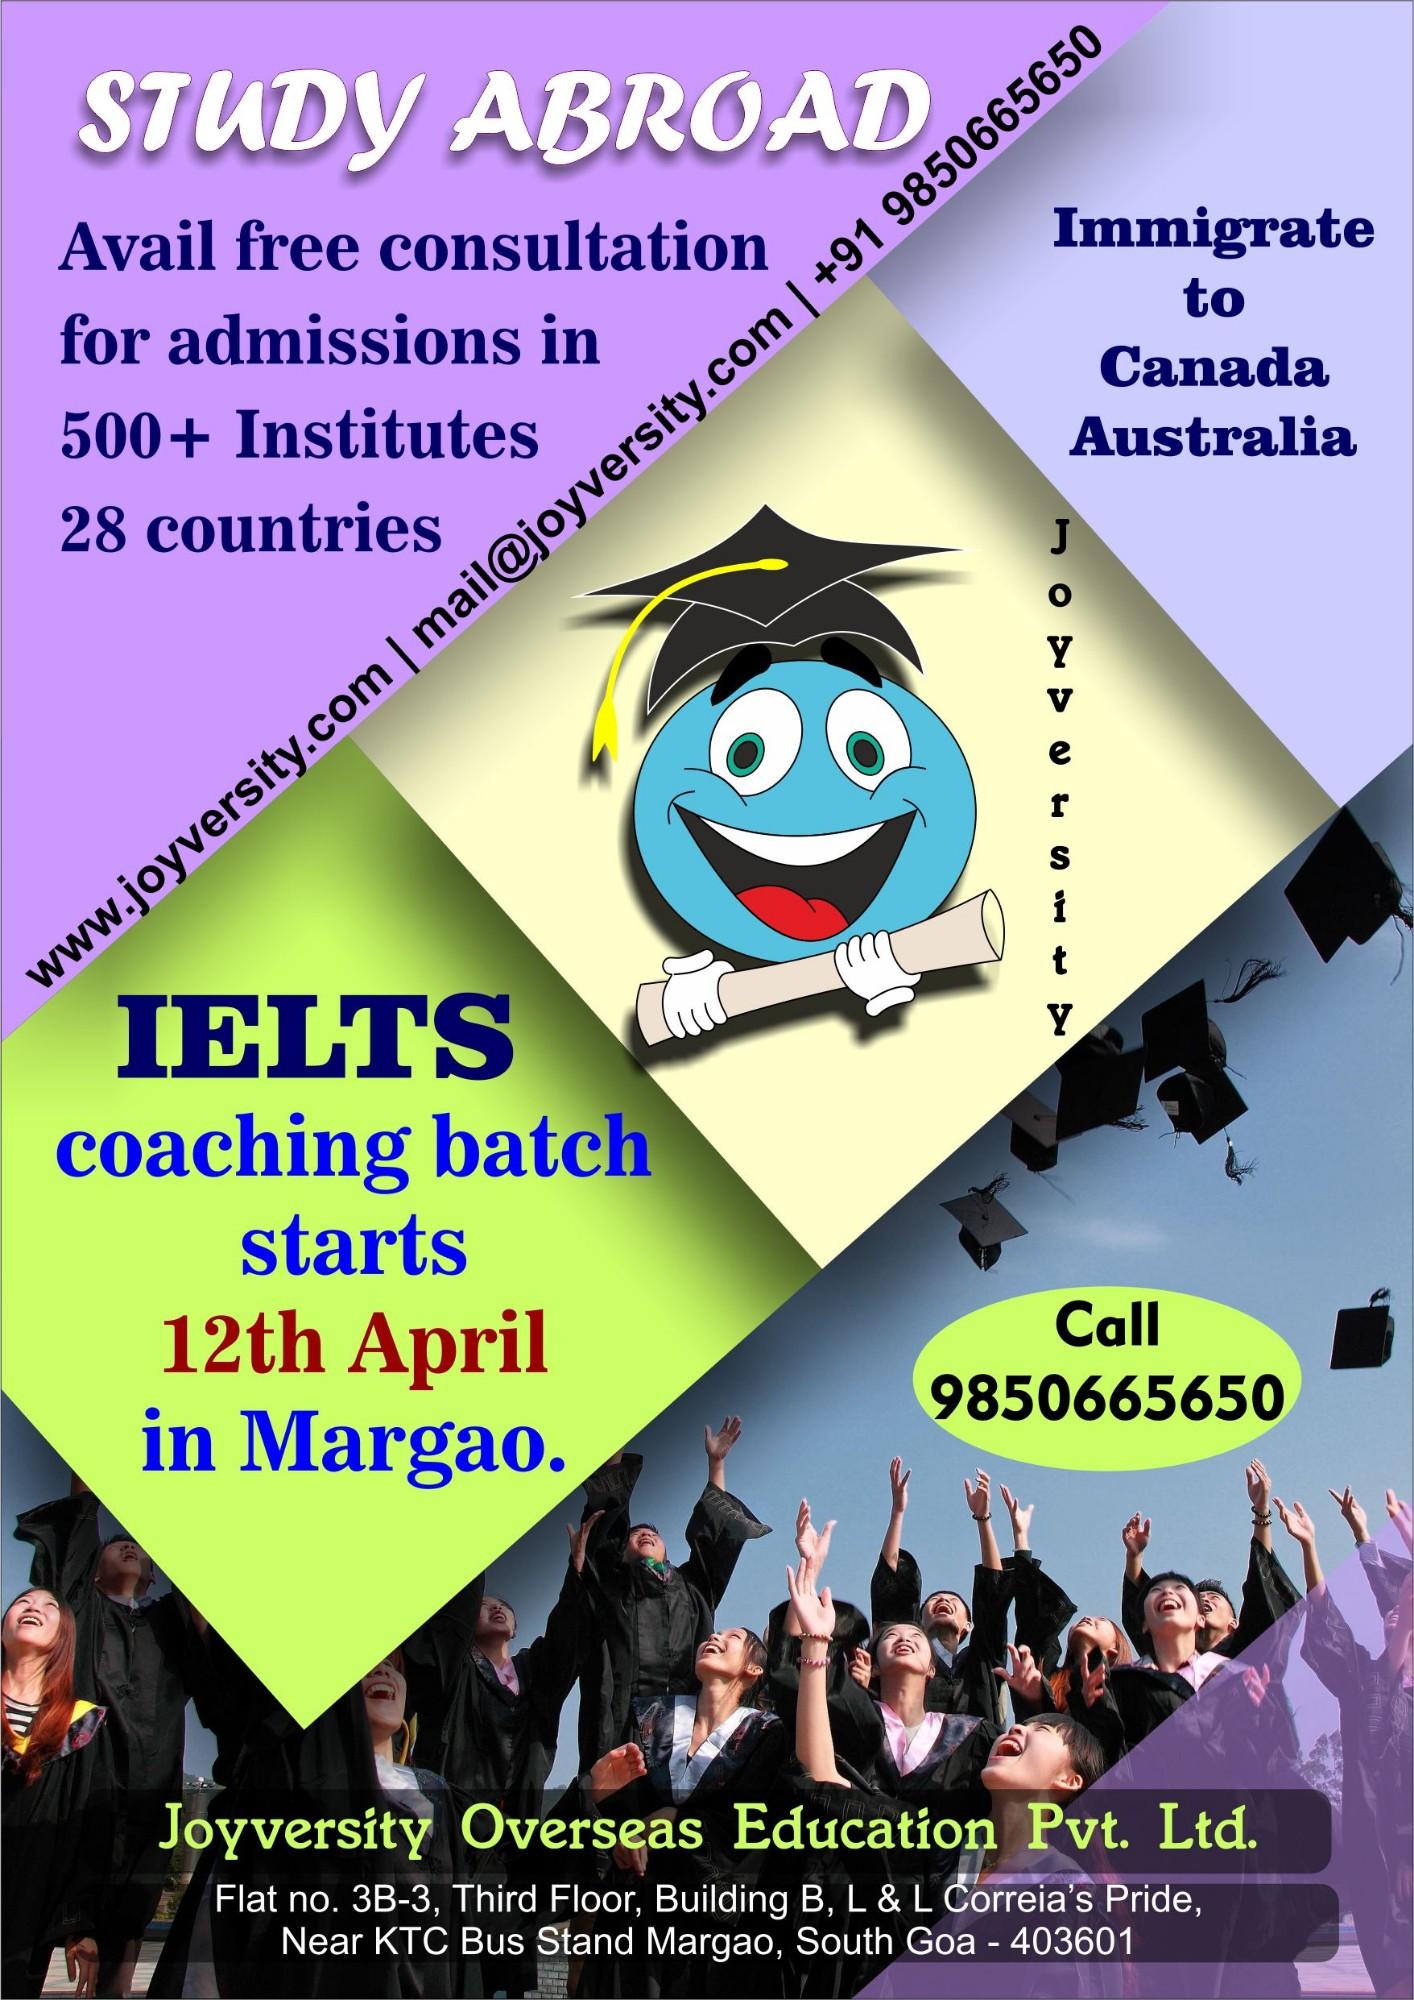 Joyversity Overseas Education Pvt  Ltd  in Margao, Goa